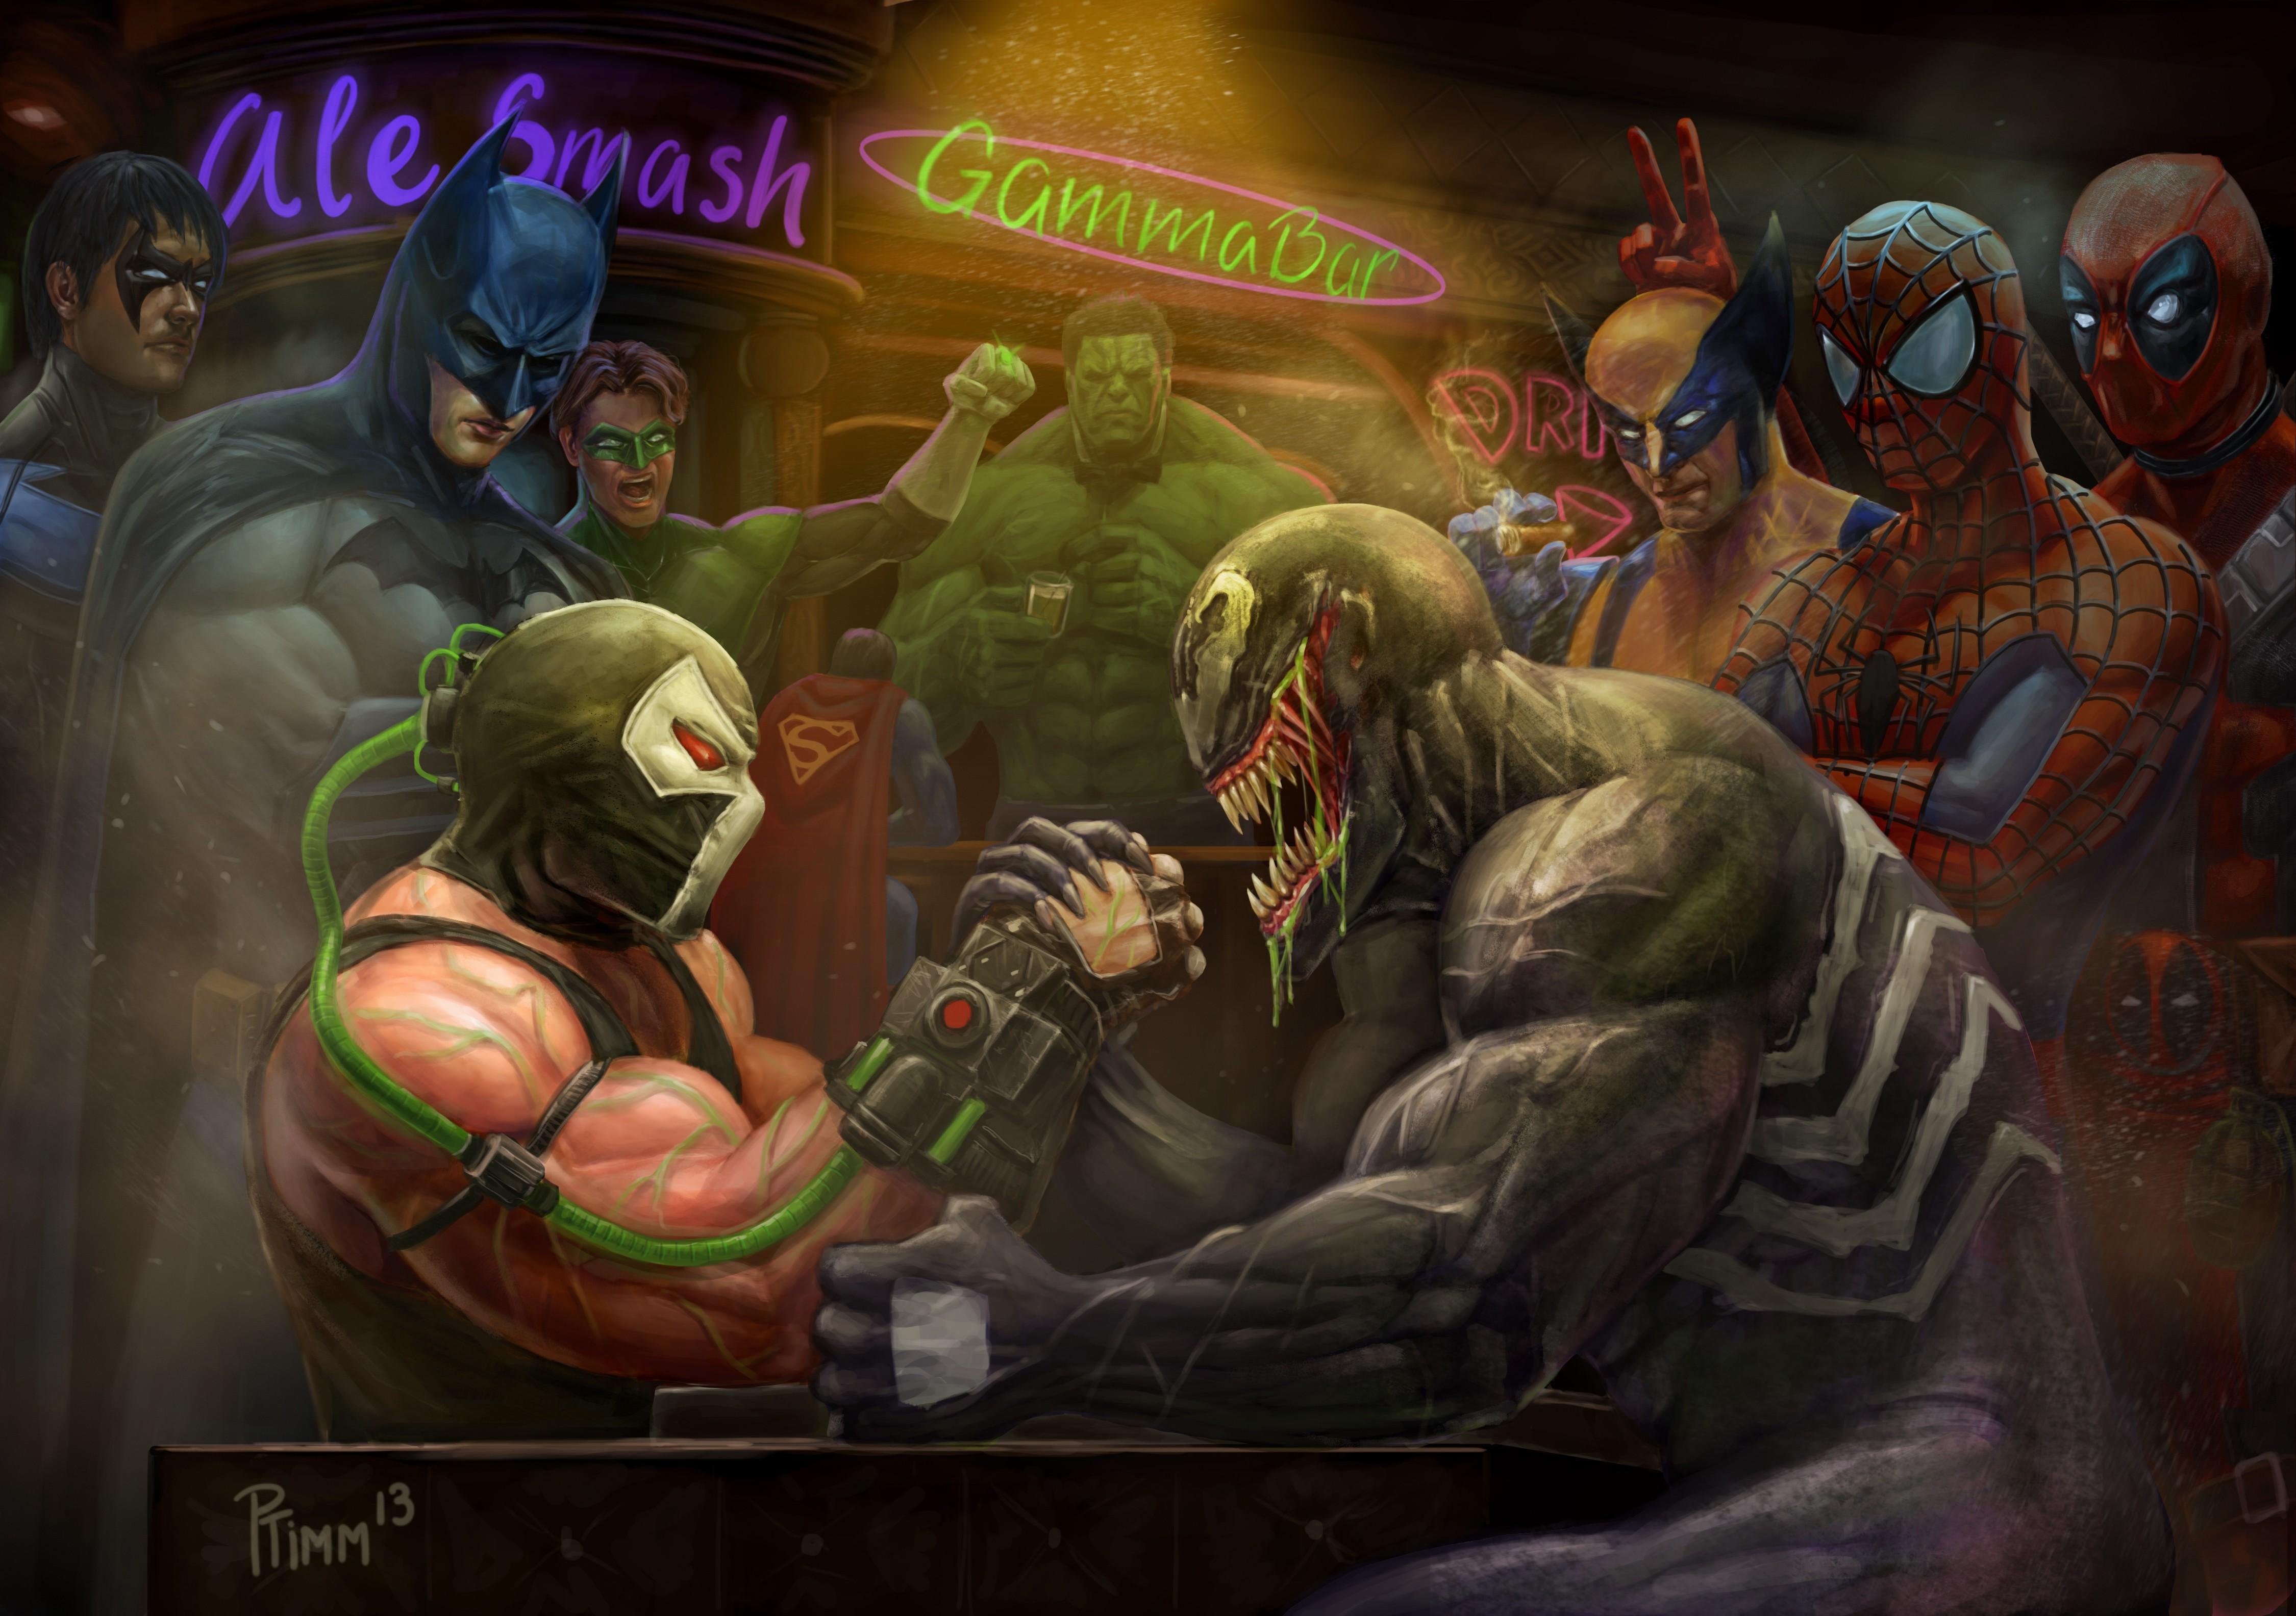 Wallpaper Batman Wolverine Marvel Comics Hulk Dc Comics